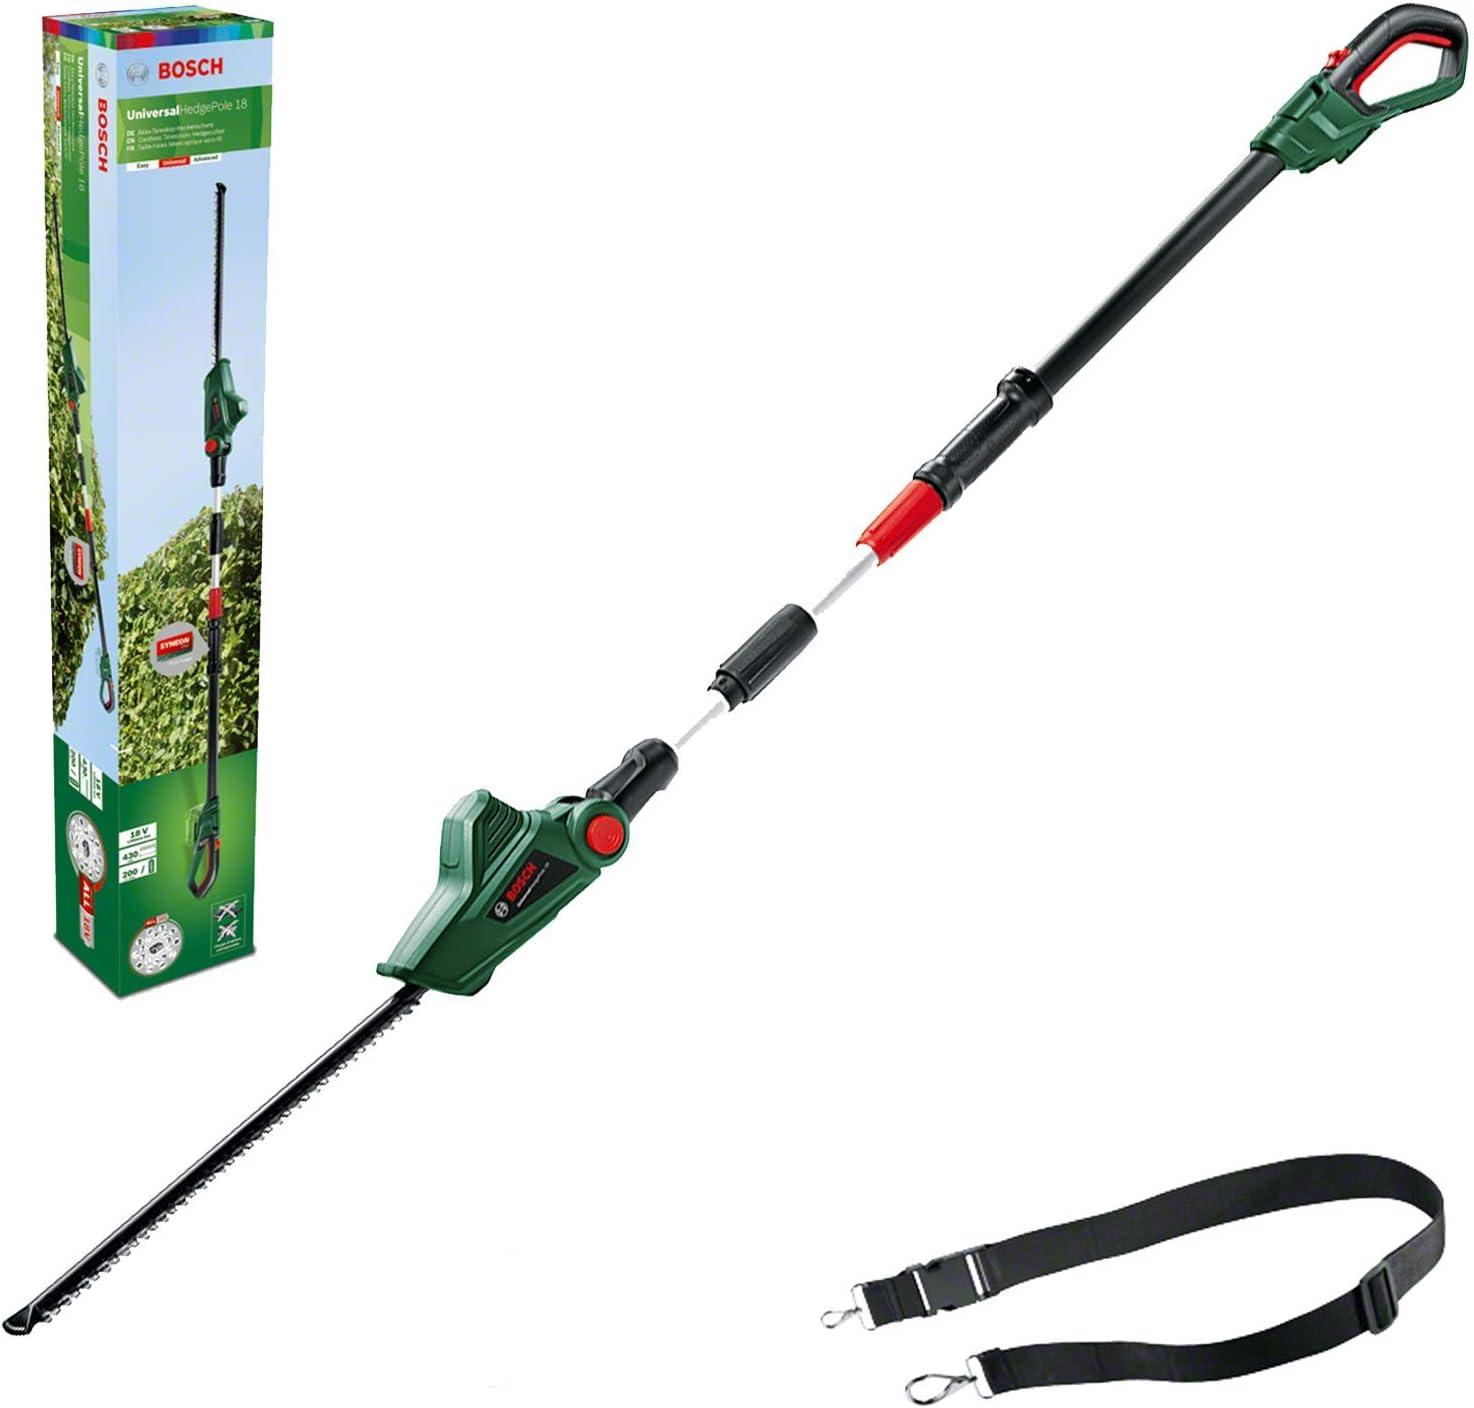 Bosch Home and Garden UniversalHedgePole 18 Tijeras cortasetos telescópicas a batería, sin batería, sistema de 18V, en caja